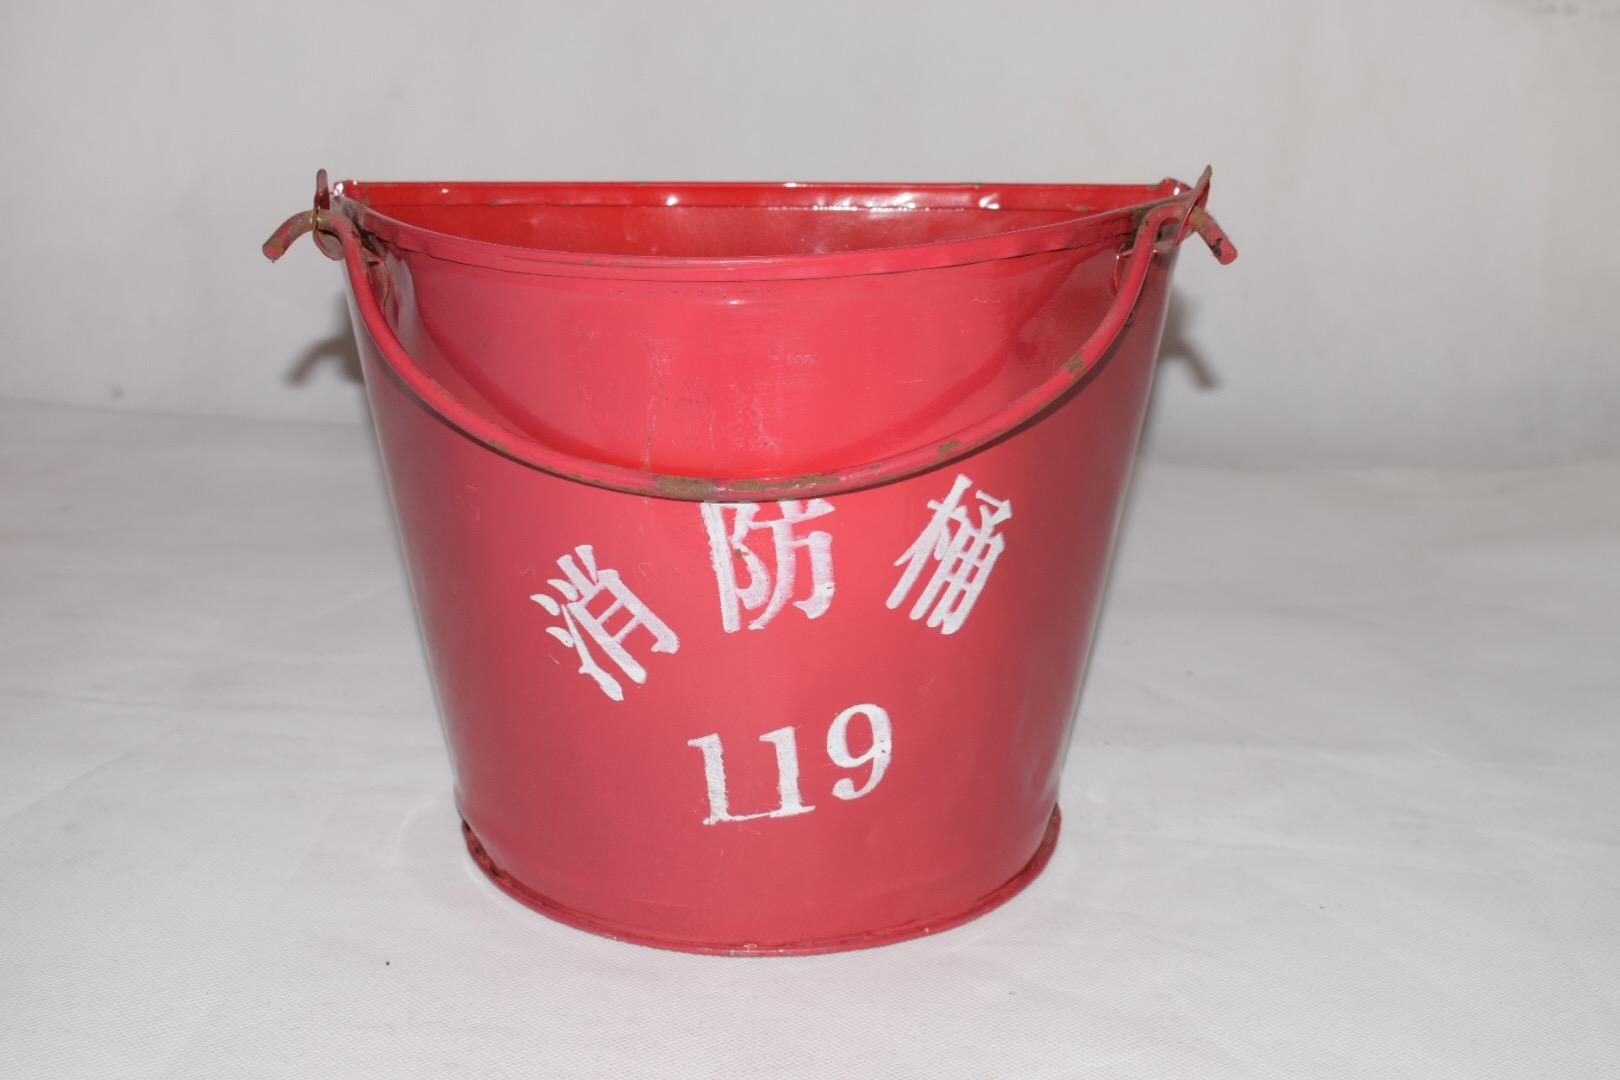 供应佛山禅城消防桶厂家直销批发零售 佛山市禅城区南海消防沙桶 半圆消防沙滩